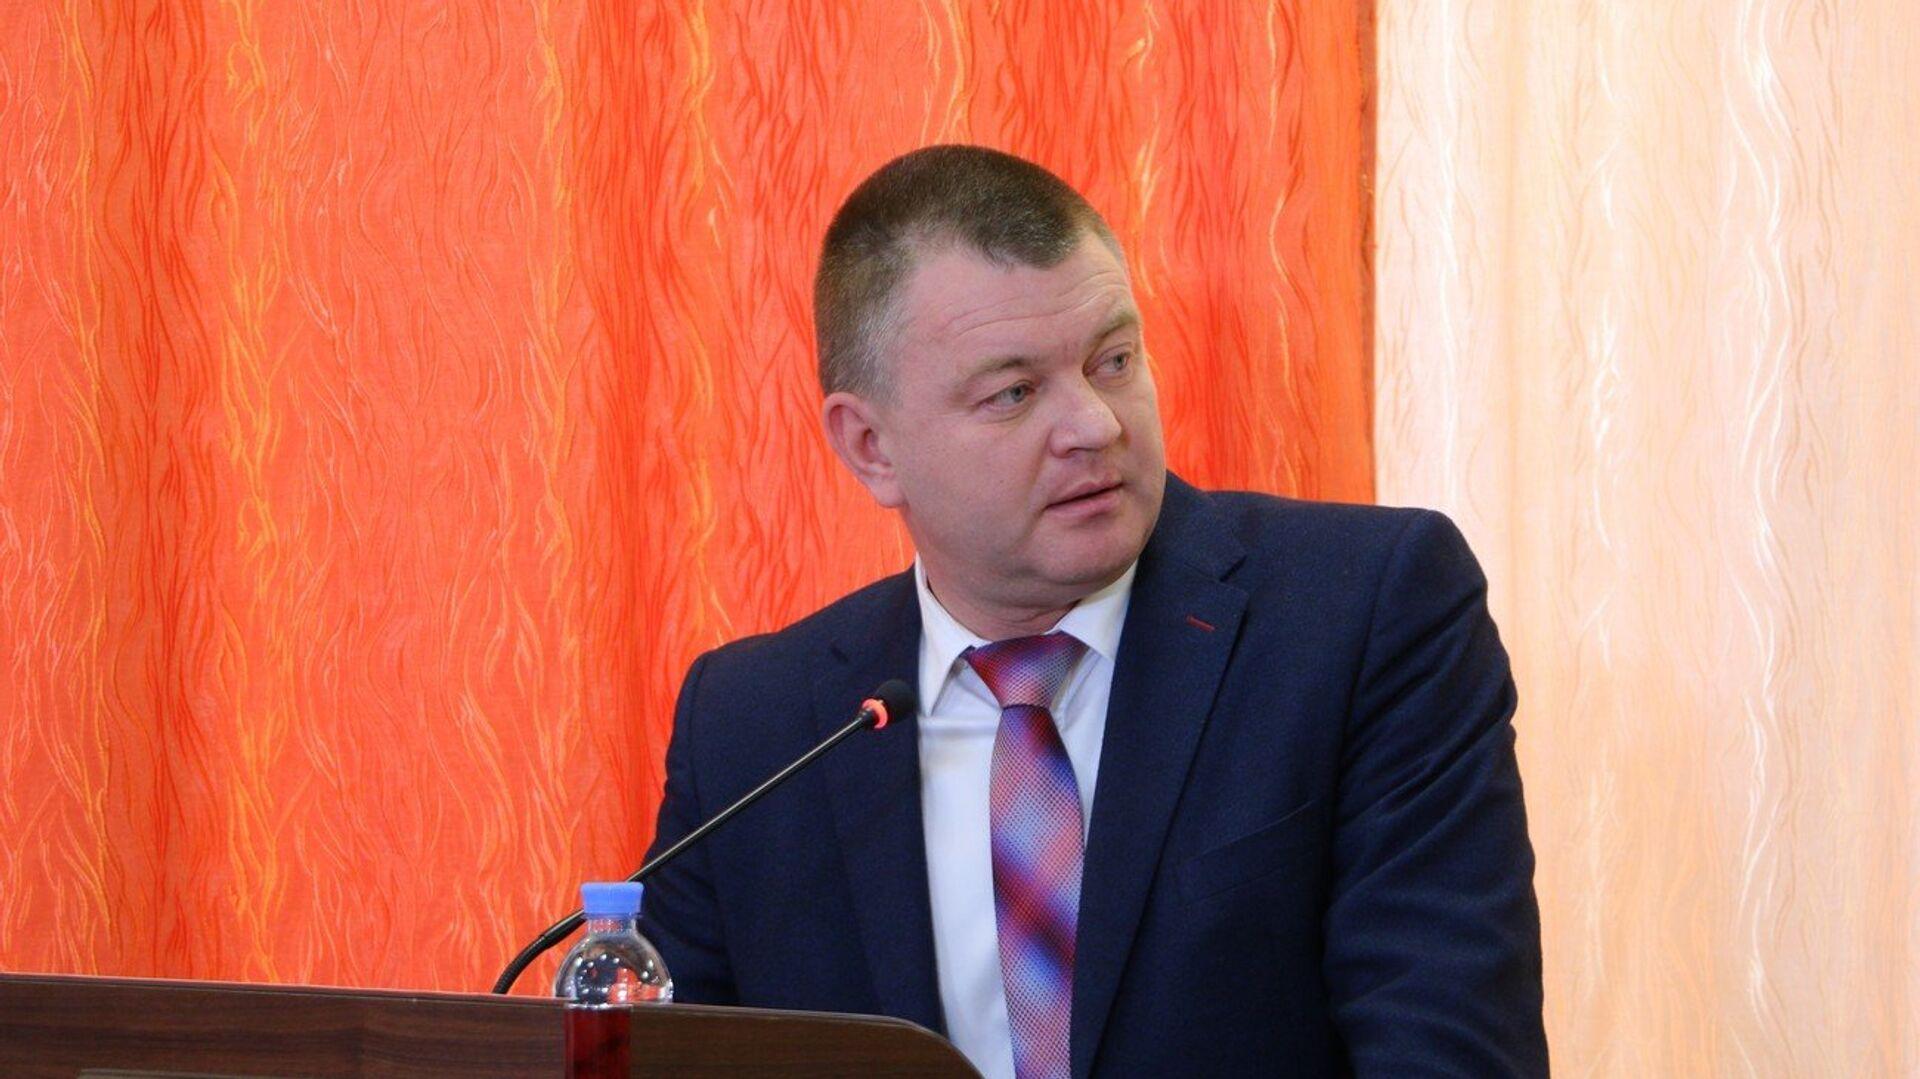 Советник главы Крыма Крючков: мэр Керчи мог уйти в отставку из-за проблем со здоровьем